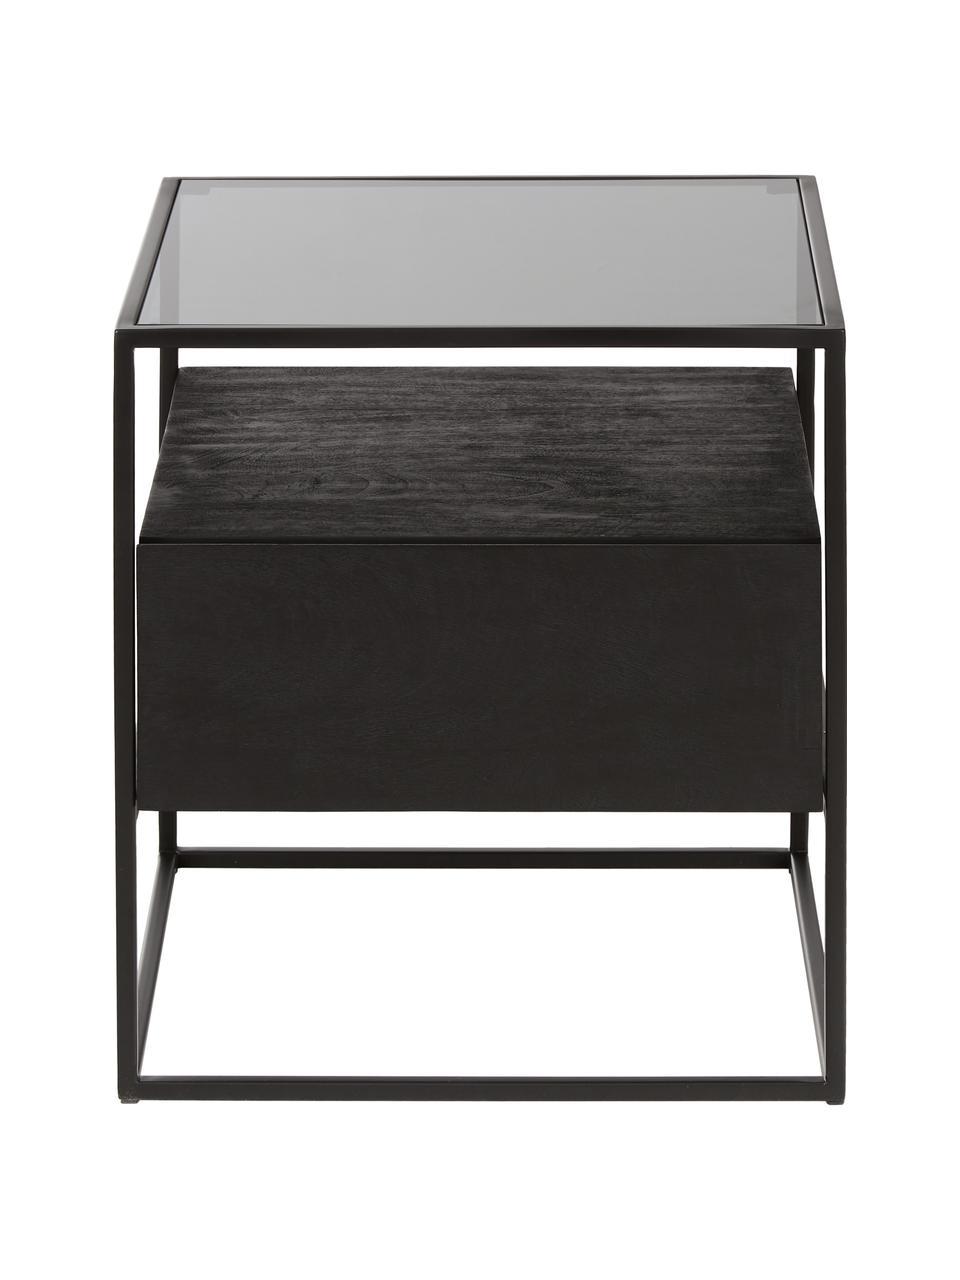 Tavolino con cassetto Theodor, Piano d'appoggio: vetro, Struttura: metallo verniciato a polv, Nero, Larg. 45 x Alt. 50 cm